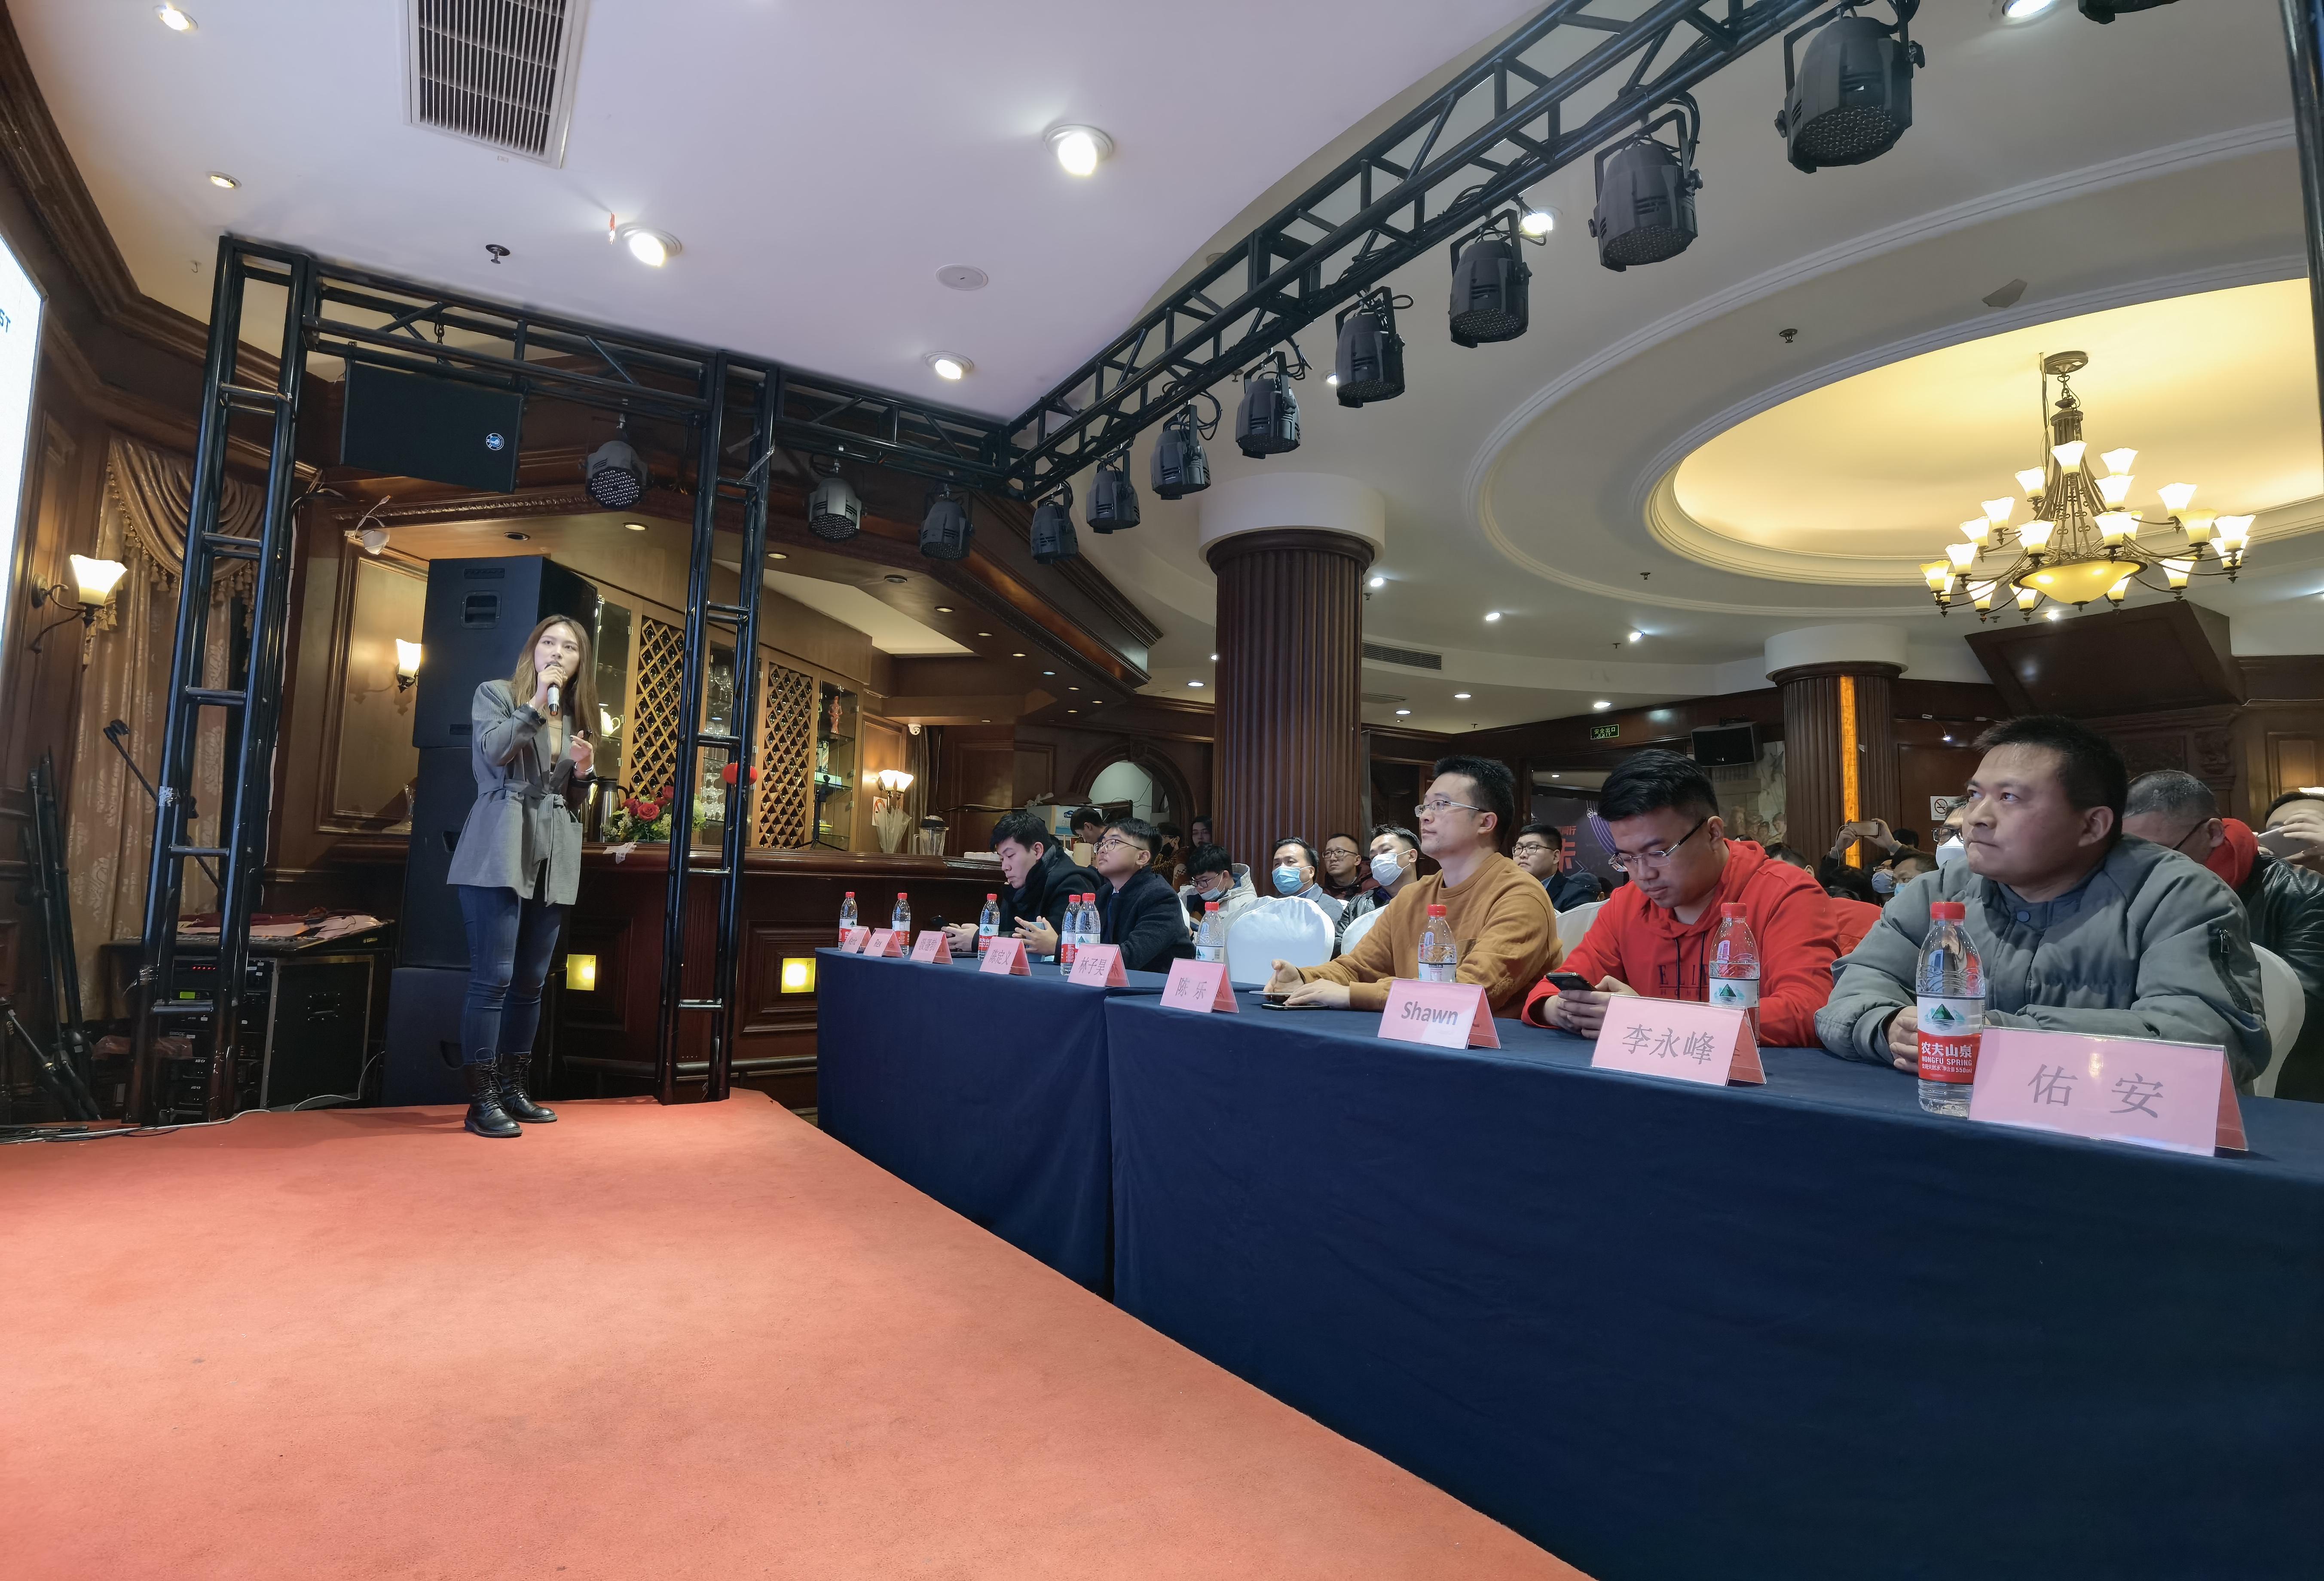 """波卡盛会丨""""2021.与您同行""""波卡新势力(上海站)圆满举办插图6"""